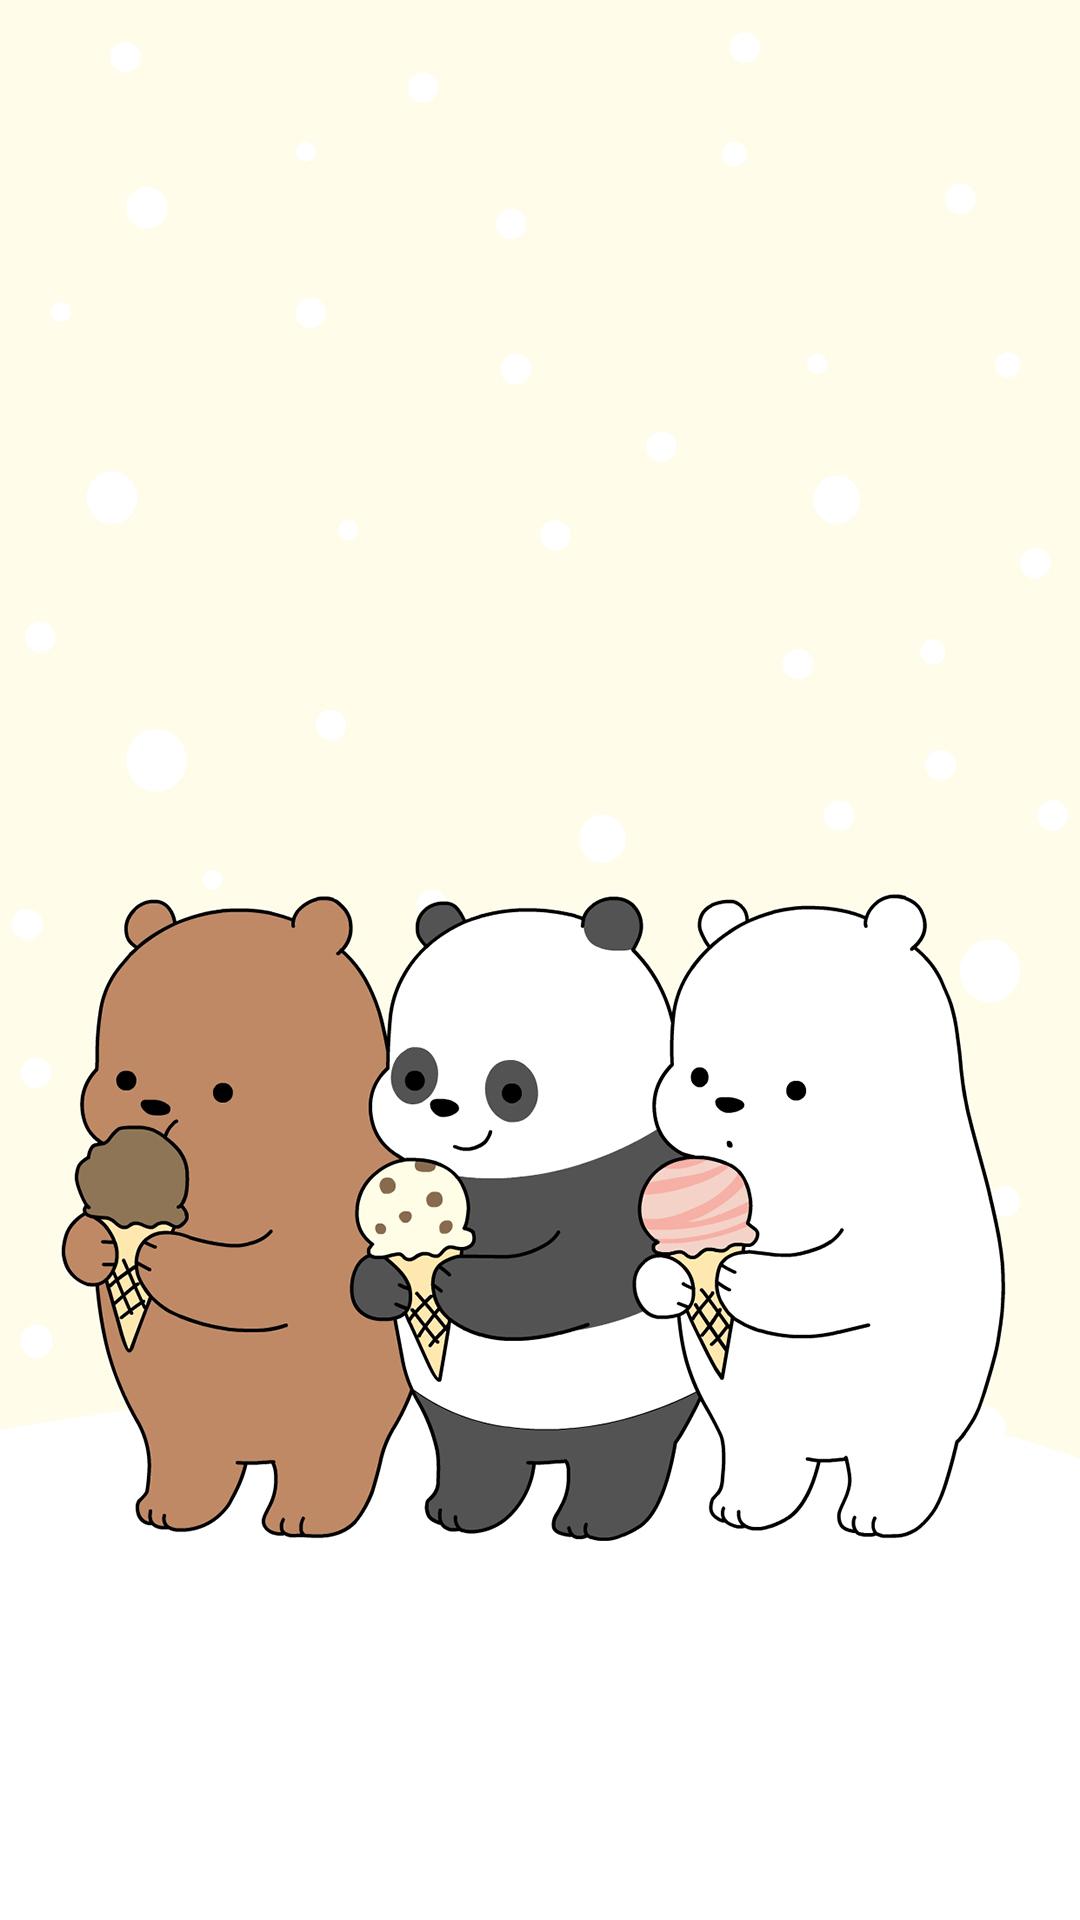 咱们裸熊 冰淇淋 棕熊 北极熊 熊猫 卡通 动画 苹果手机高清壁纸 1080x1920 爱思助手